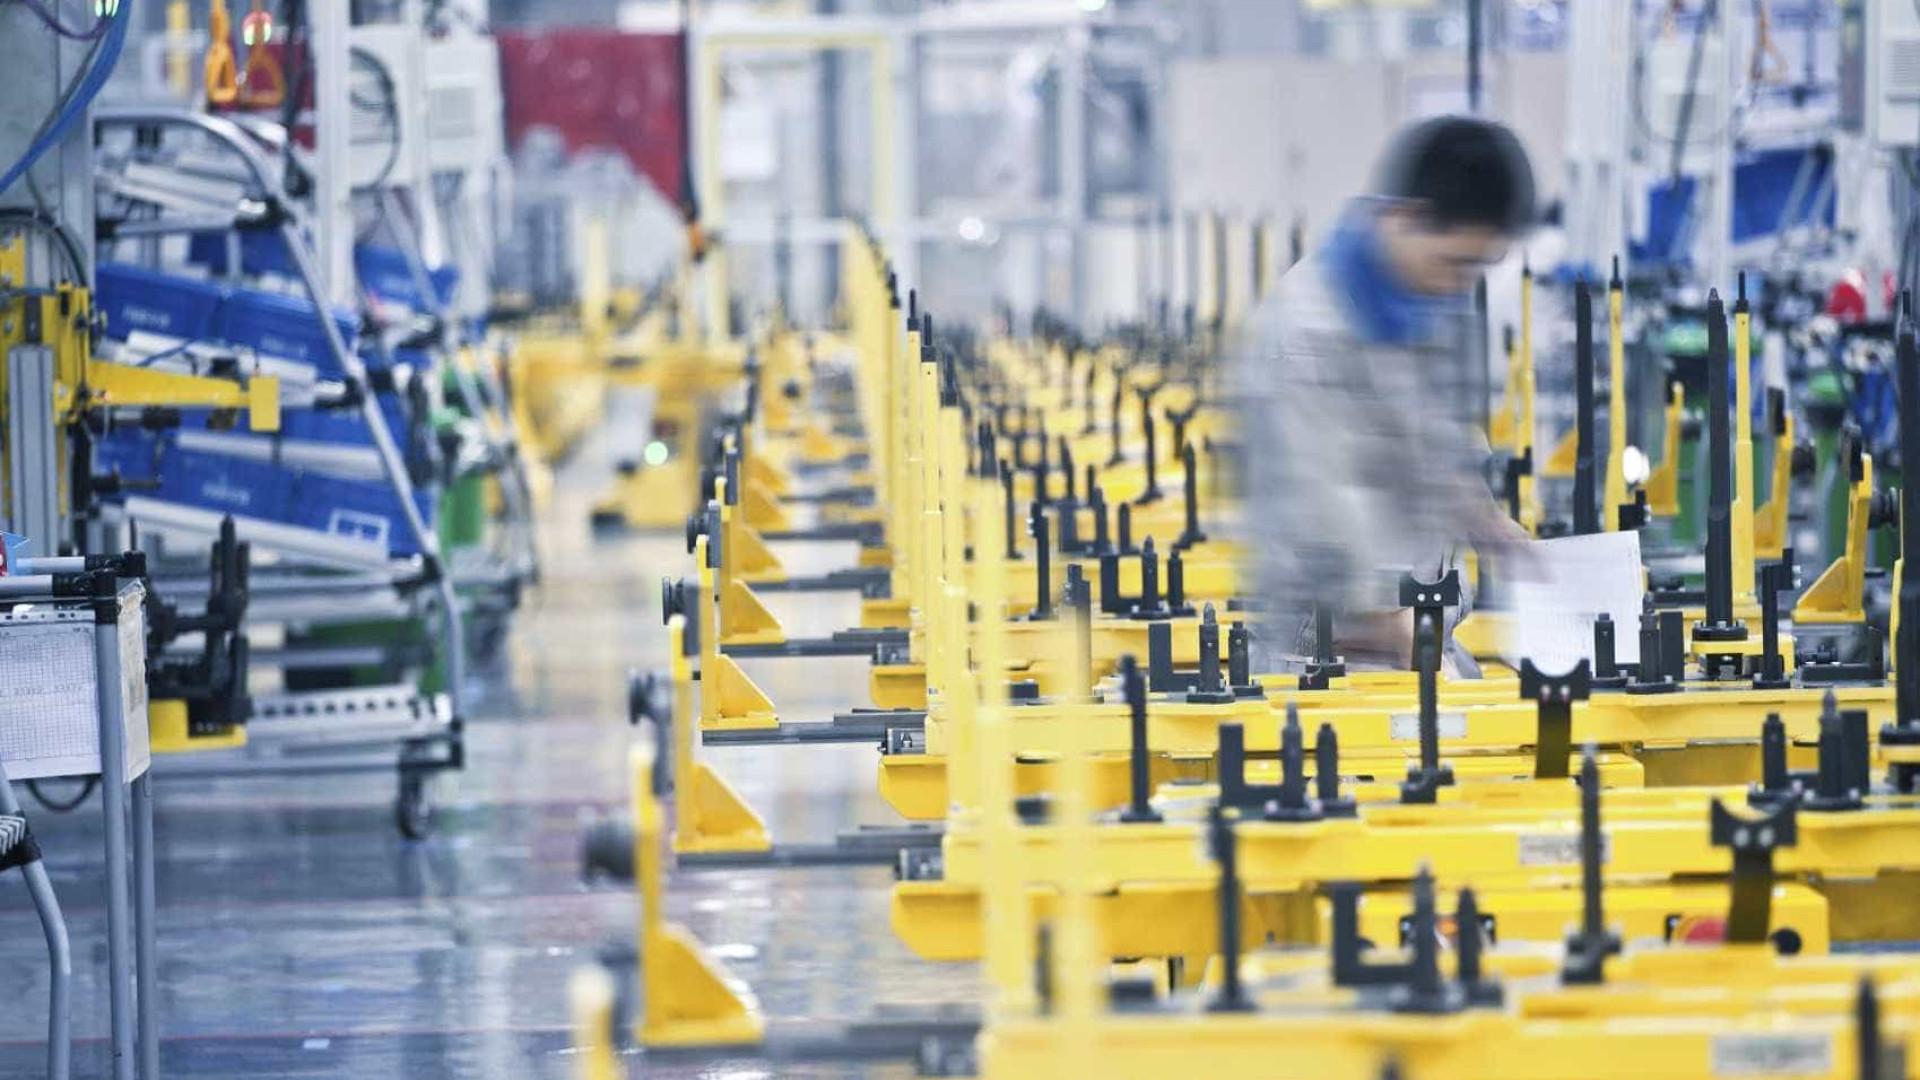 Campanha defende que Governo deve nacionalizar fábrica que vai fechar